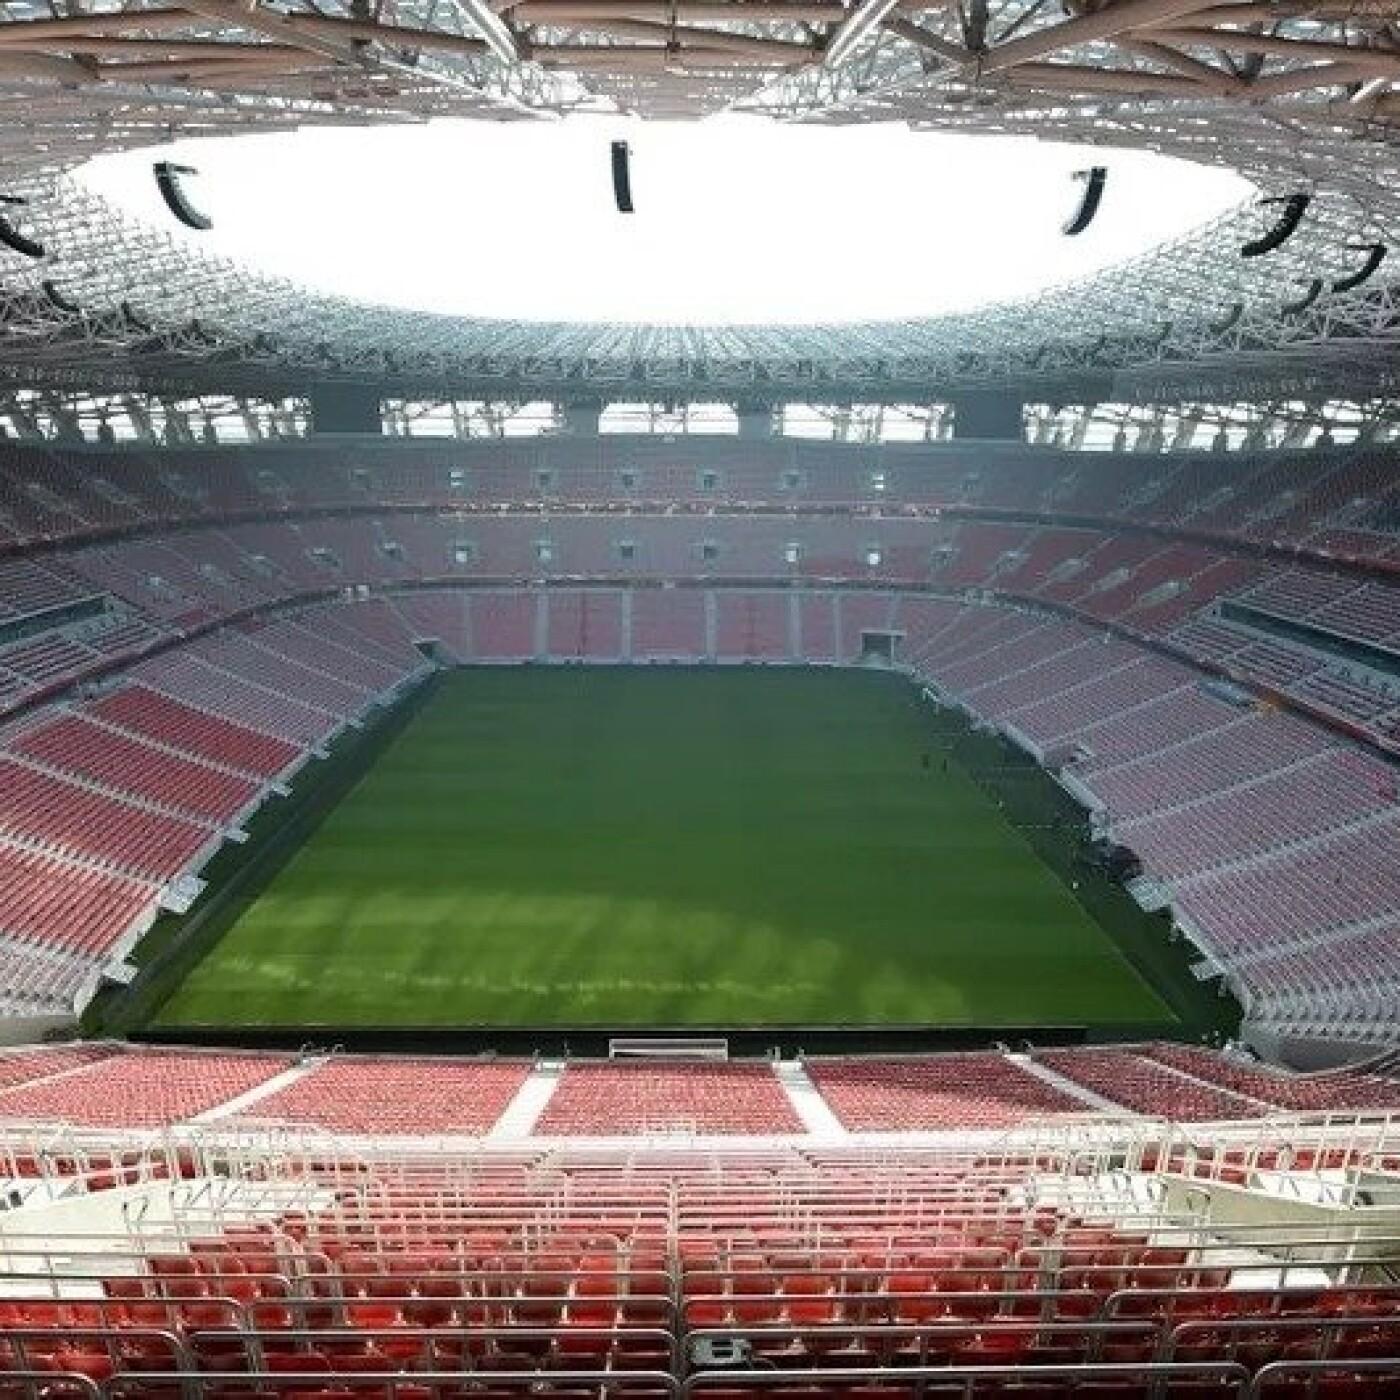 Euro 2020 : Bertrand est un Français expatrié en Hongrie & fan de foot - 18 06 2021 - StereoChic Radio